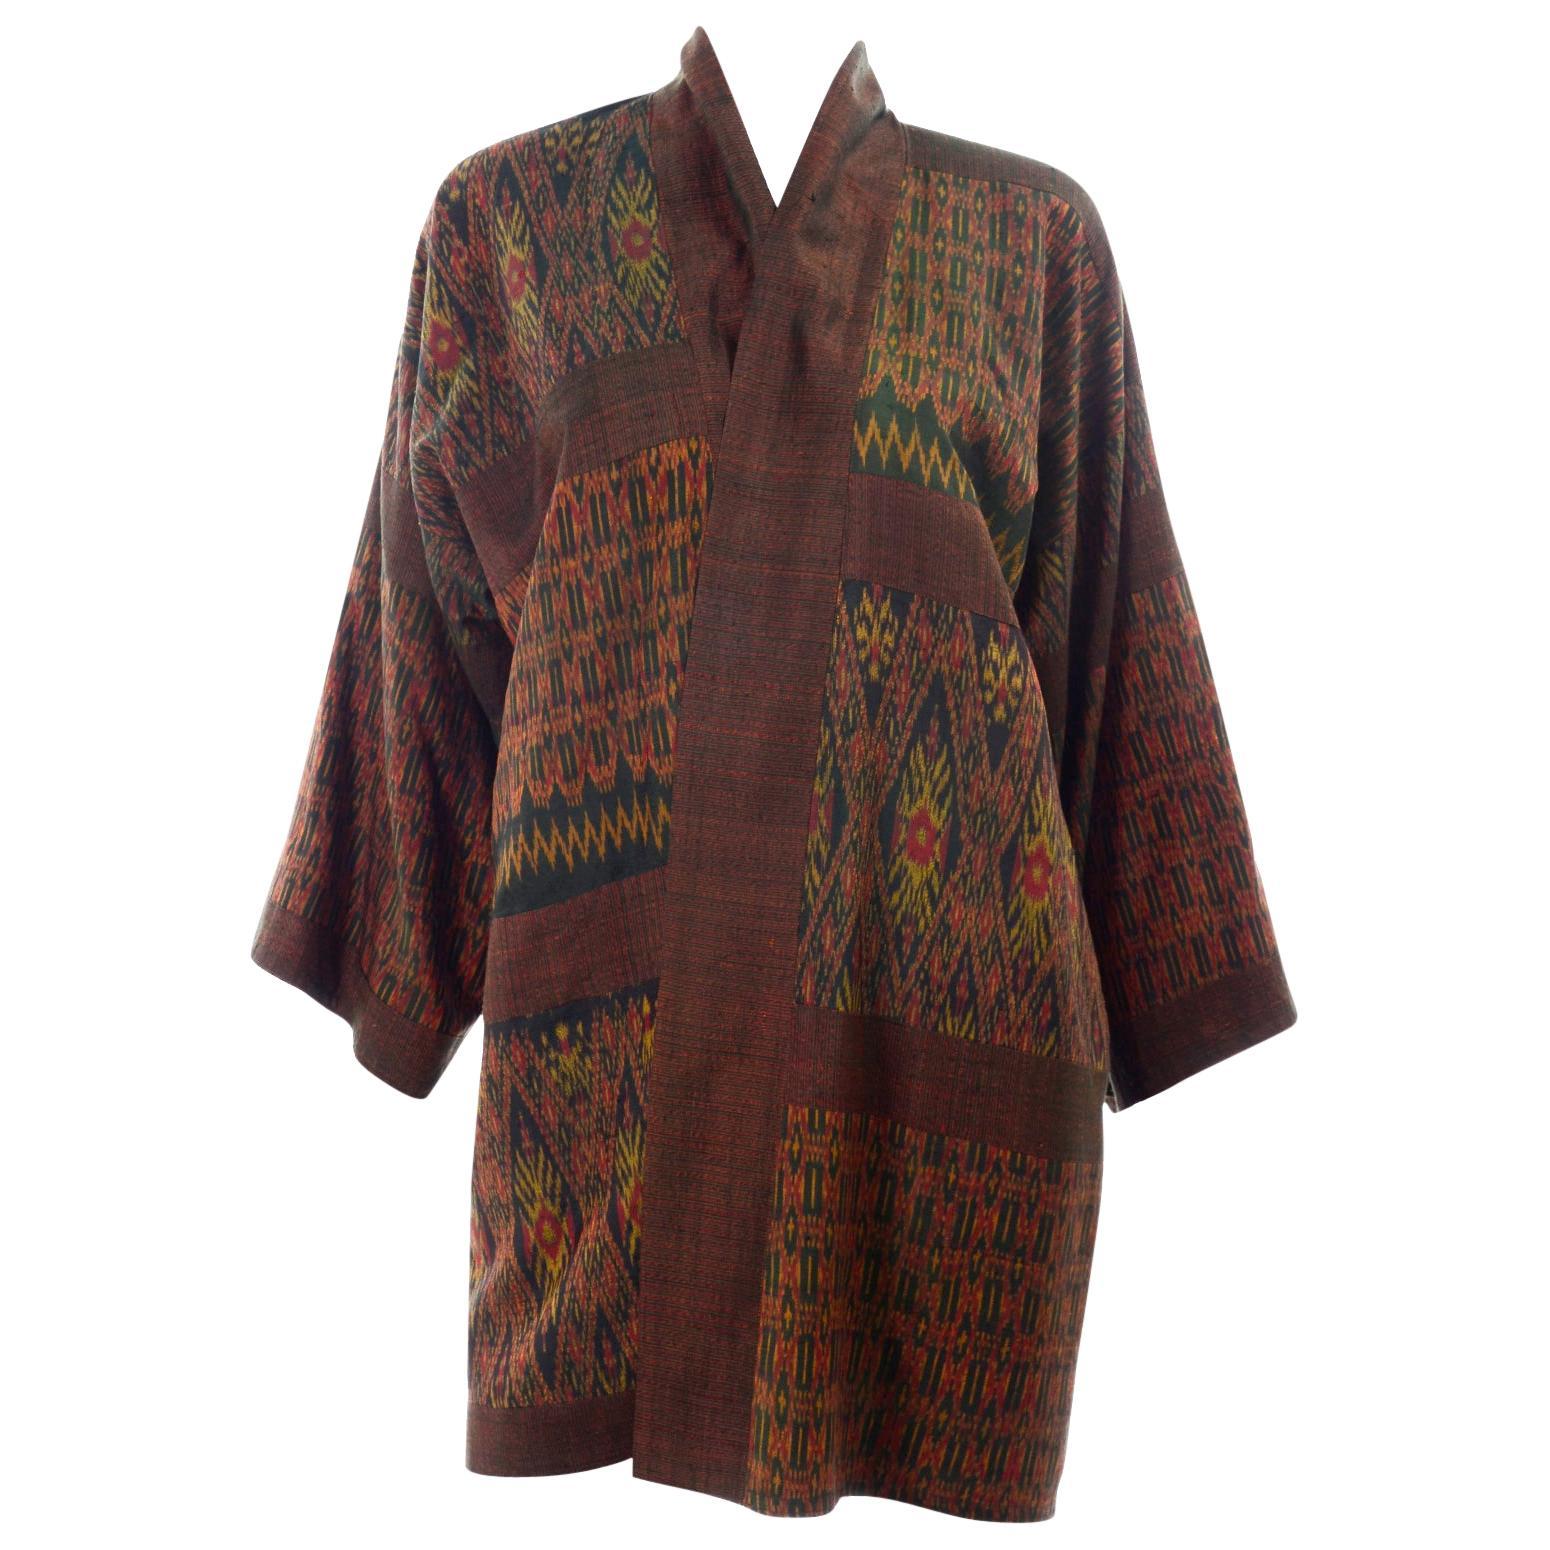 Vintage Japanese Ikat Jacket in Metallic Bronze and Green Linen